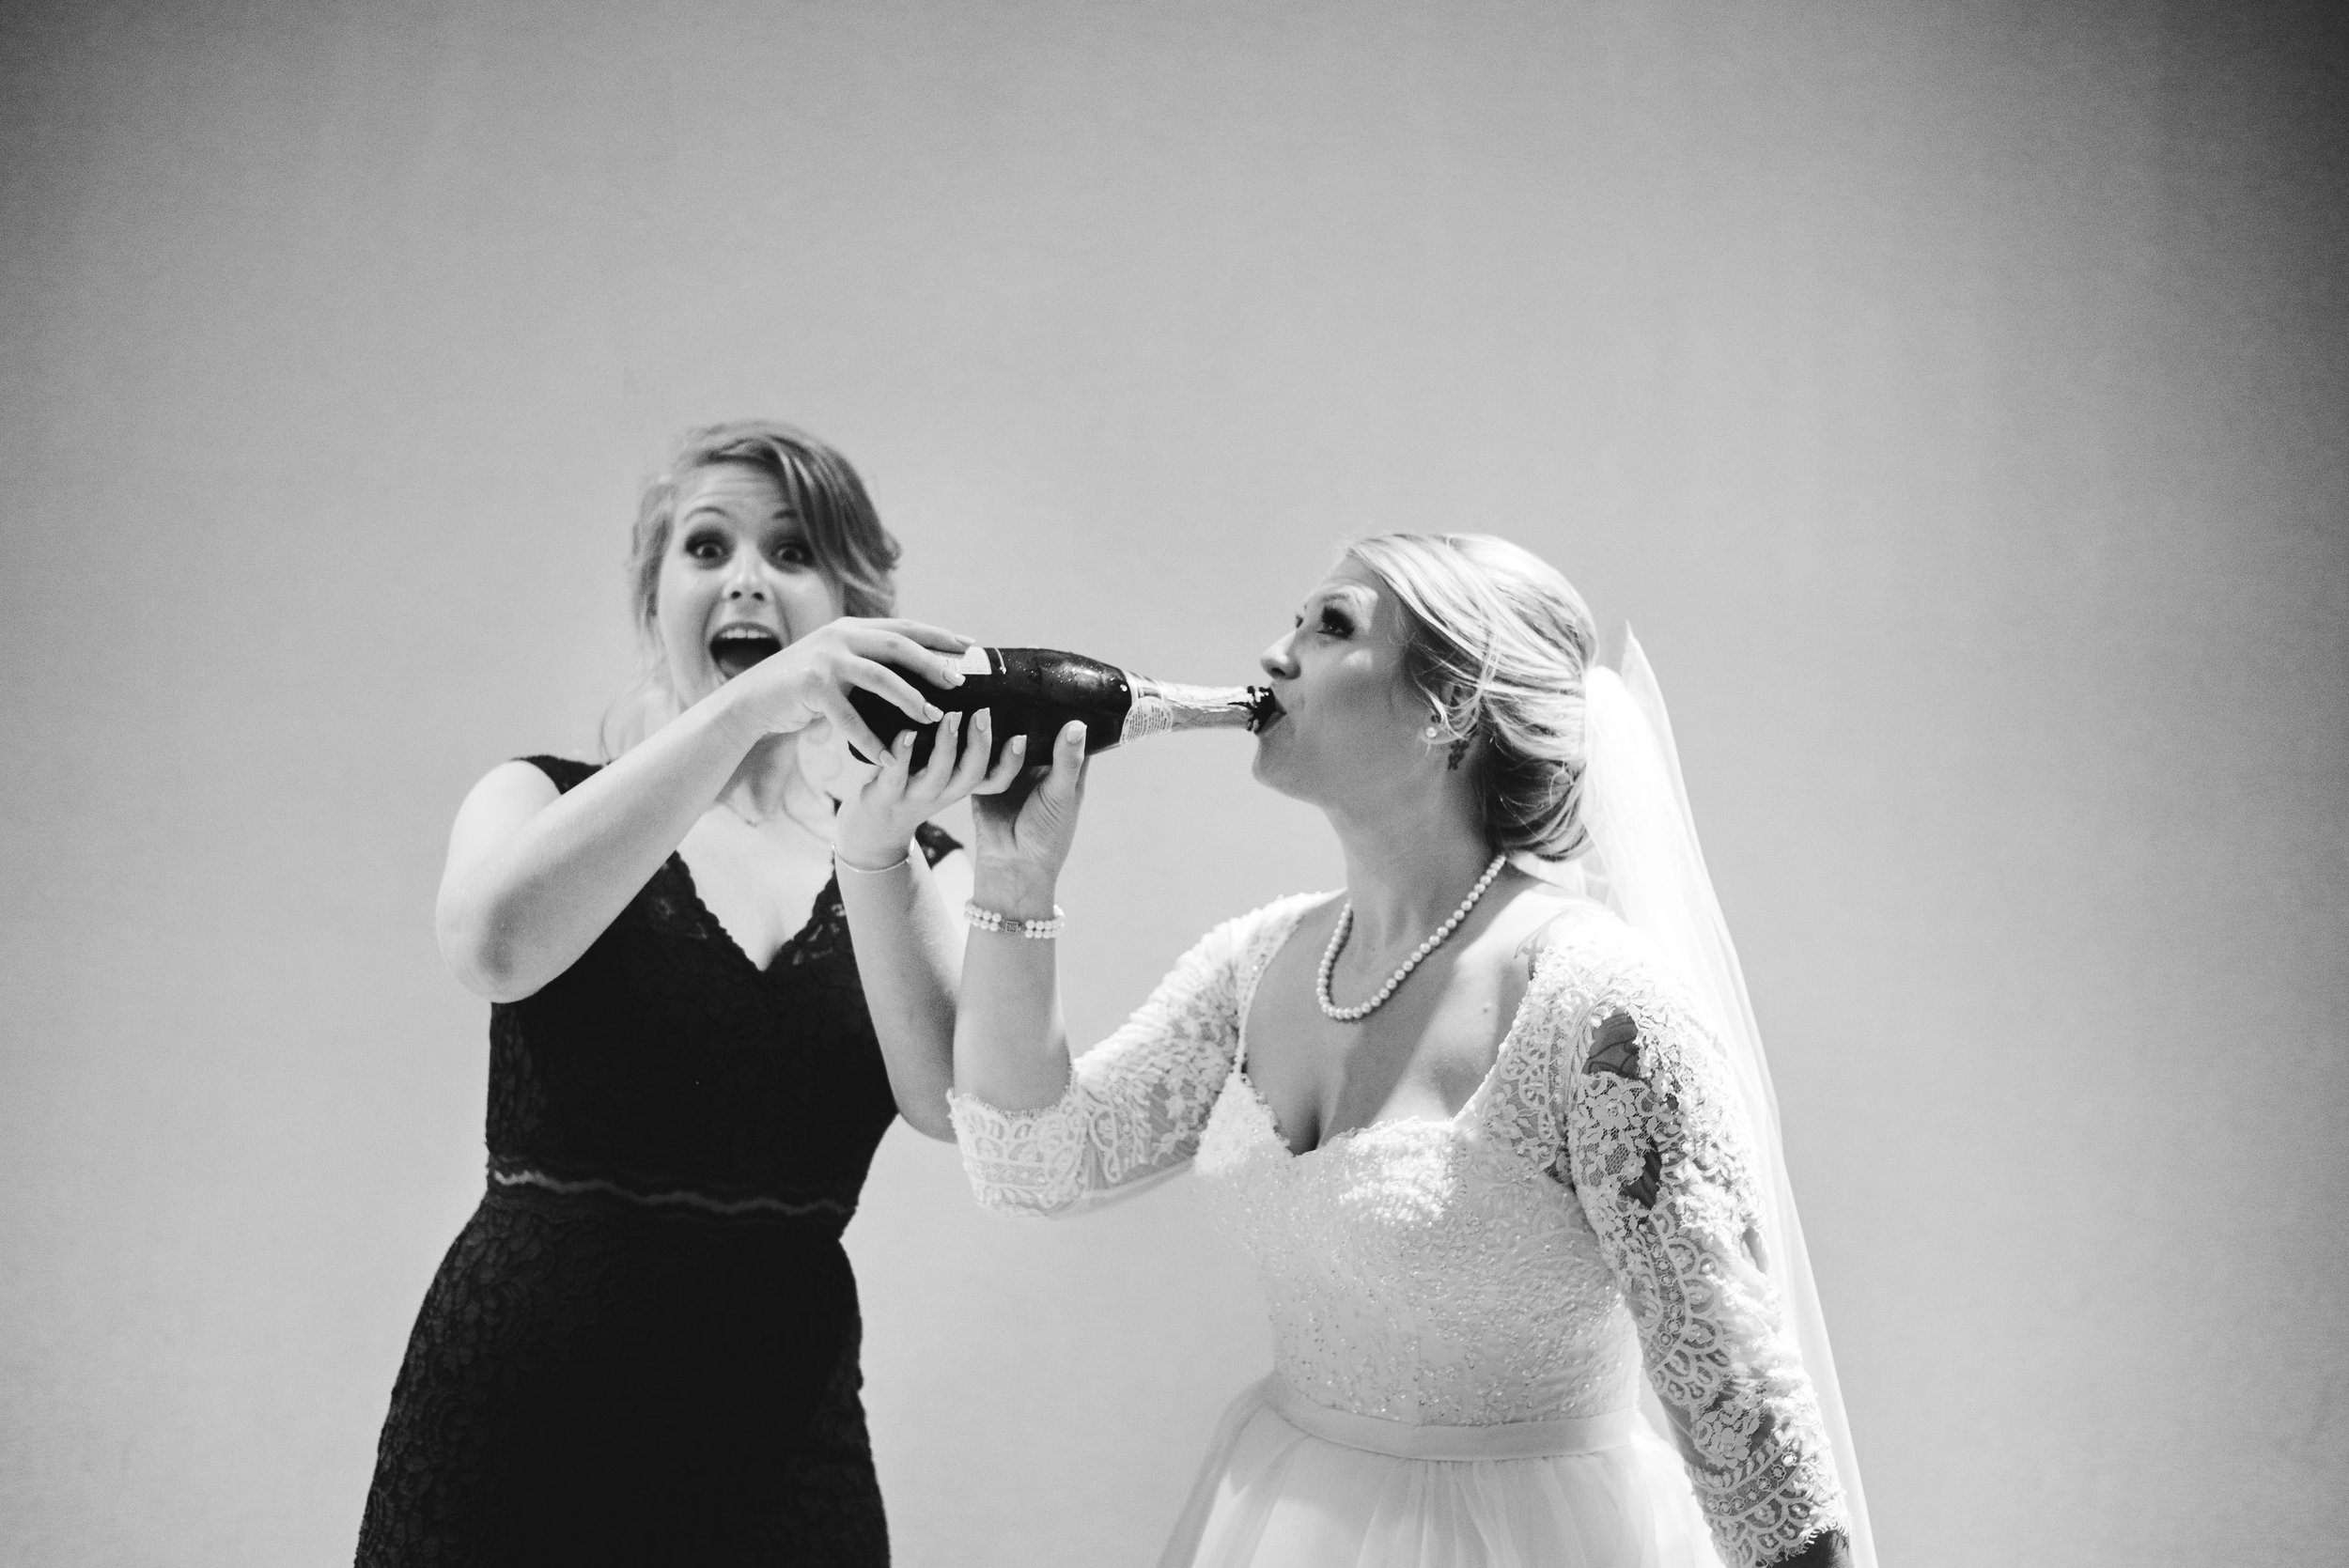 King-Northern-Illinois-University-Wedding052.jpg